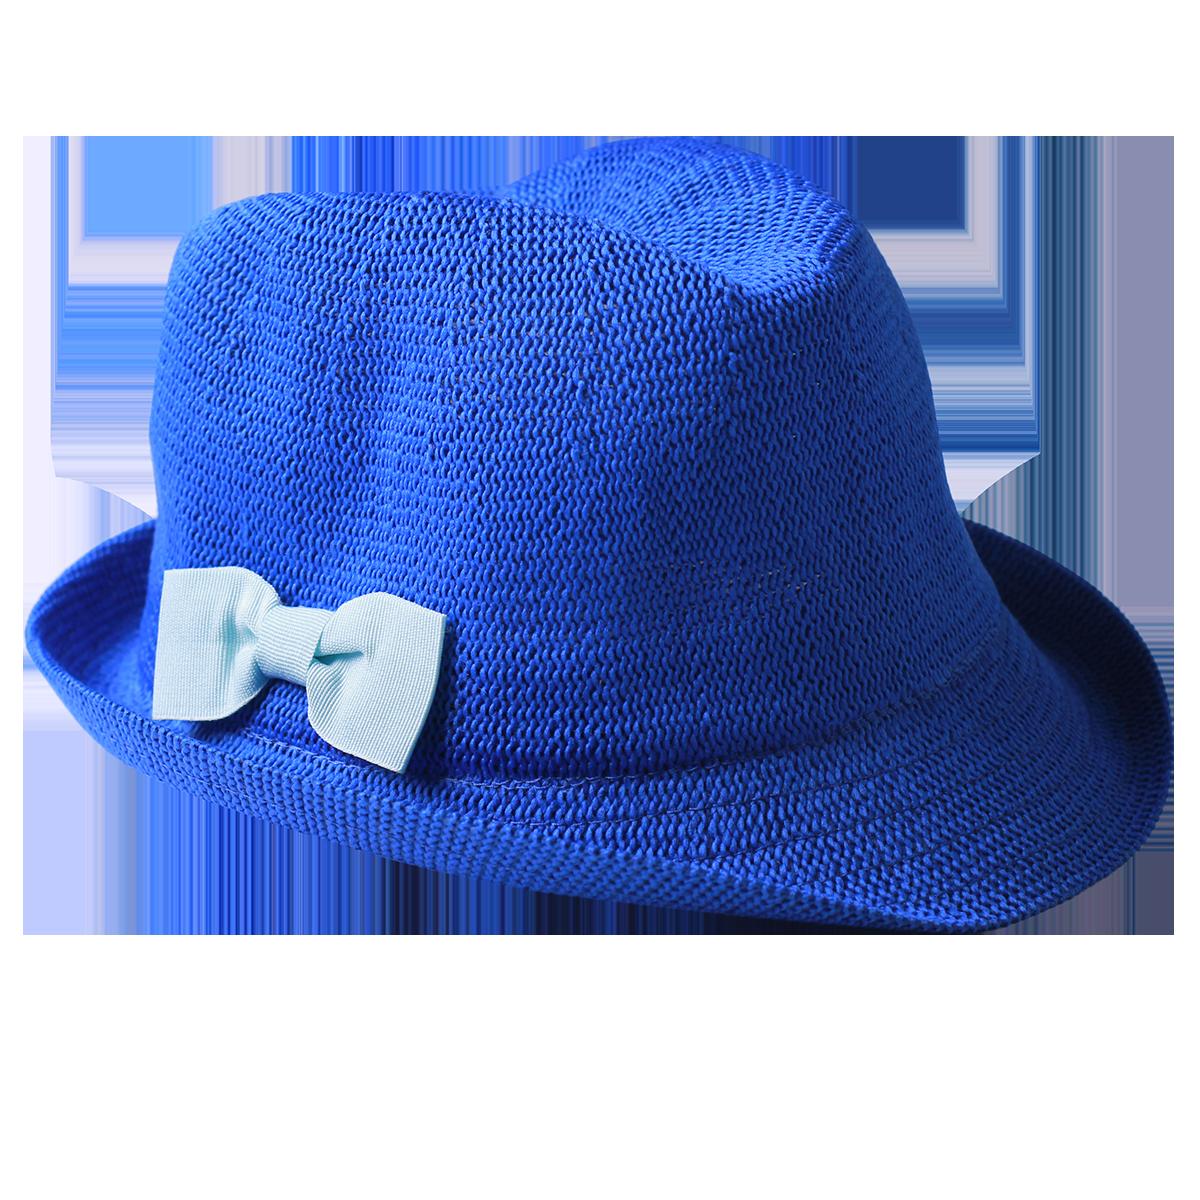 Mũ đa phong cách màu xanh nước biển